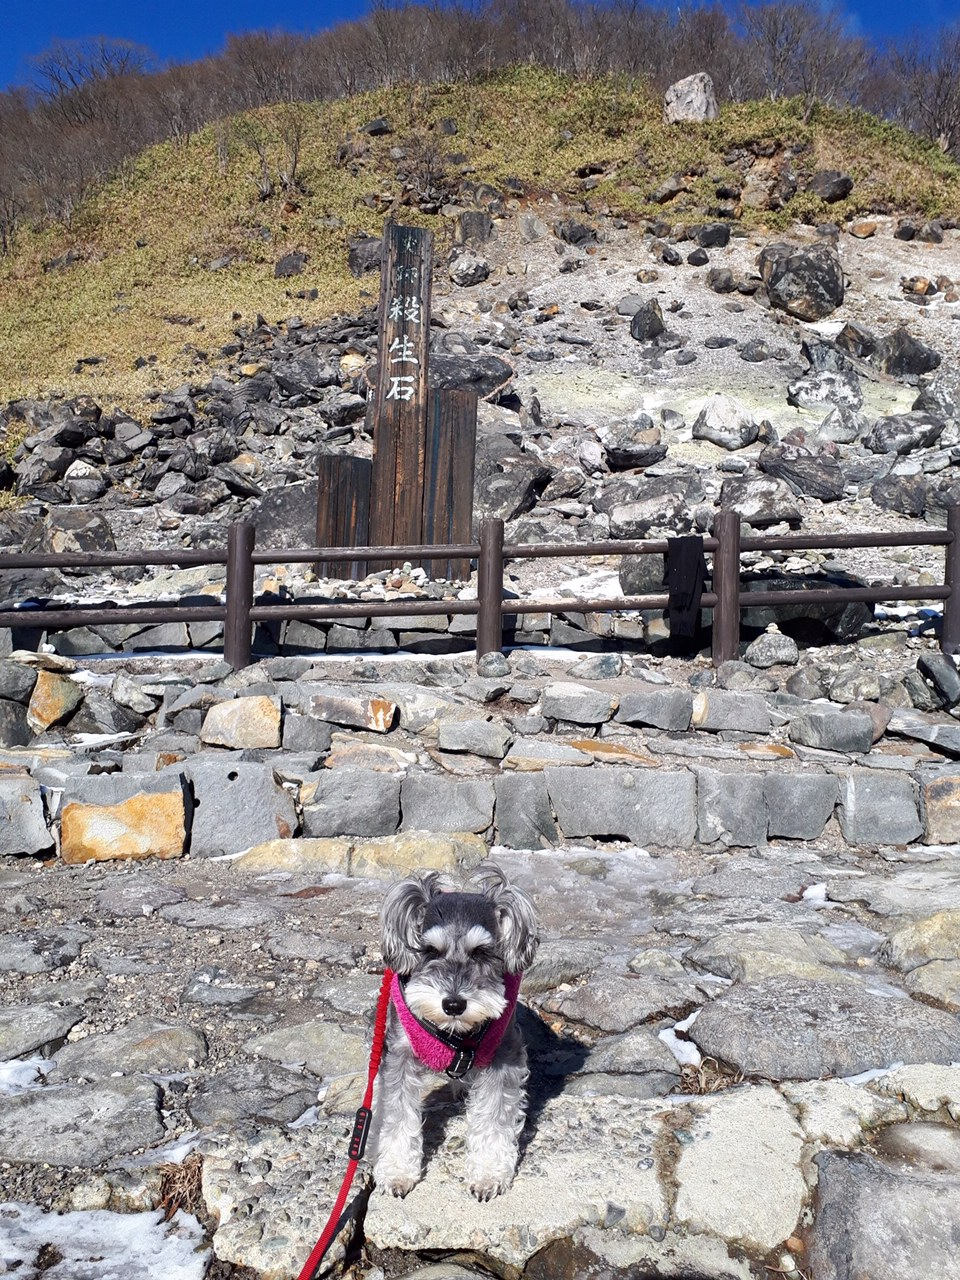 栃木県・那須温泉にある「殺生石」の前で写真を撮るサクラちゃん